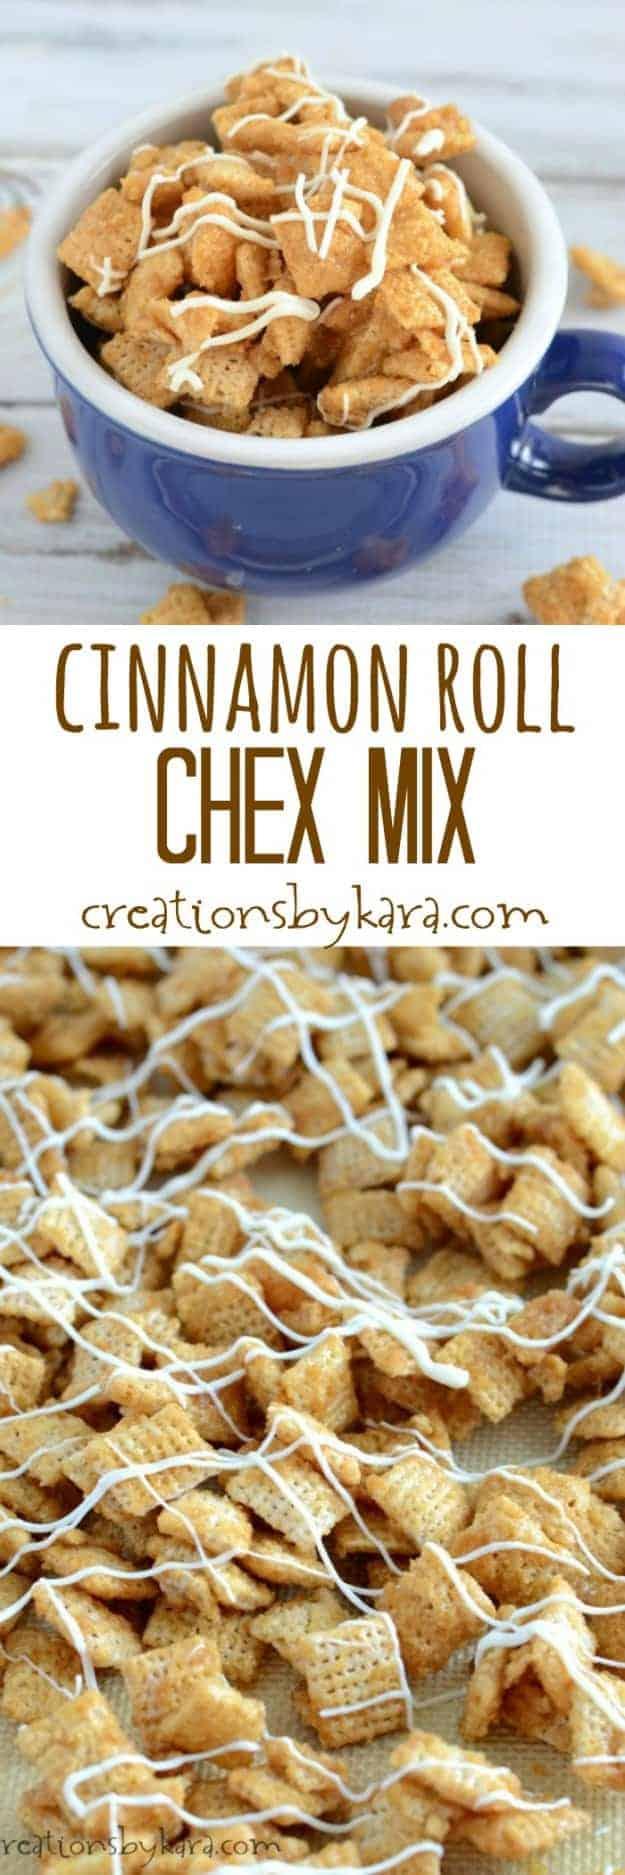 cinnamon roll chex mix recipe collage